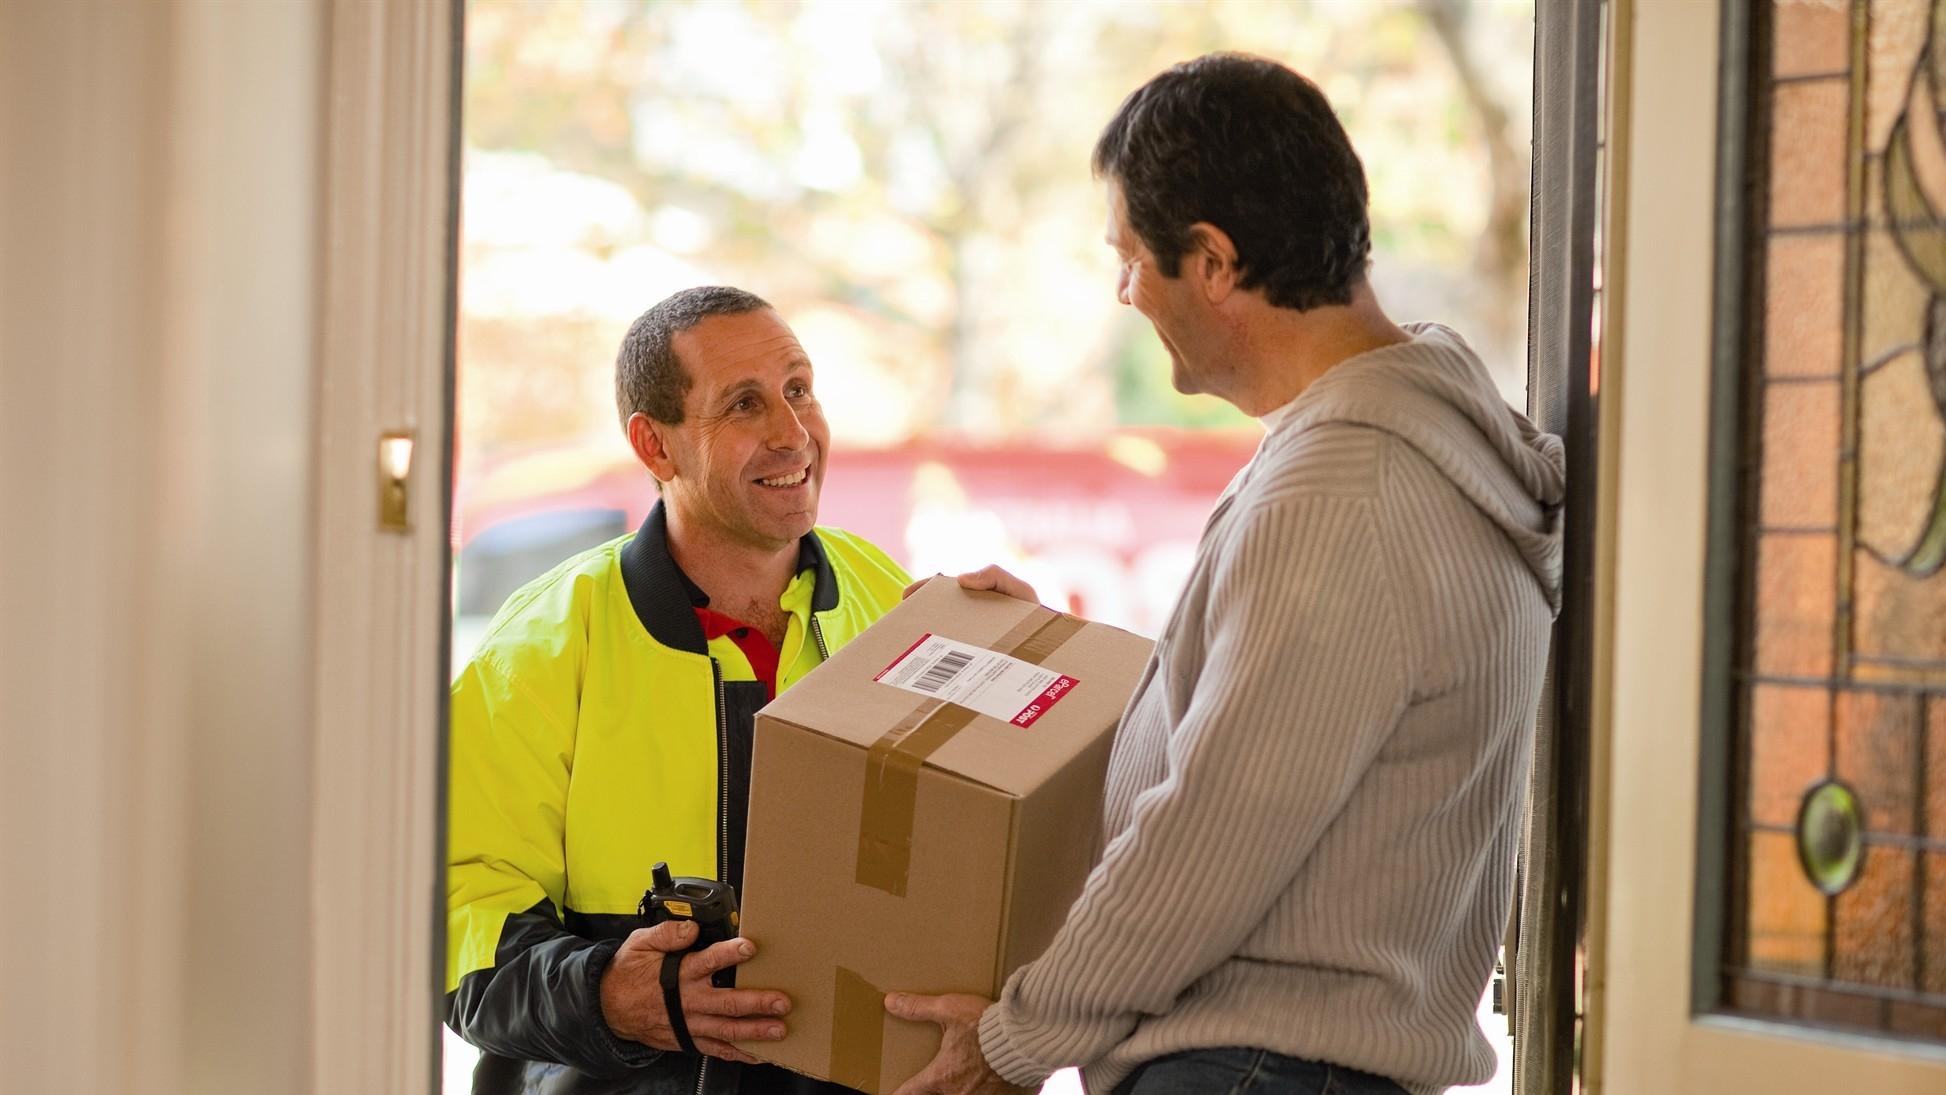 个人邮递物品到国外 进口税 行邮税 关税 国际快递 鹿跃国际快递 国际运输